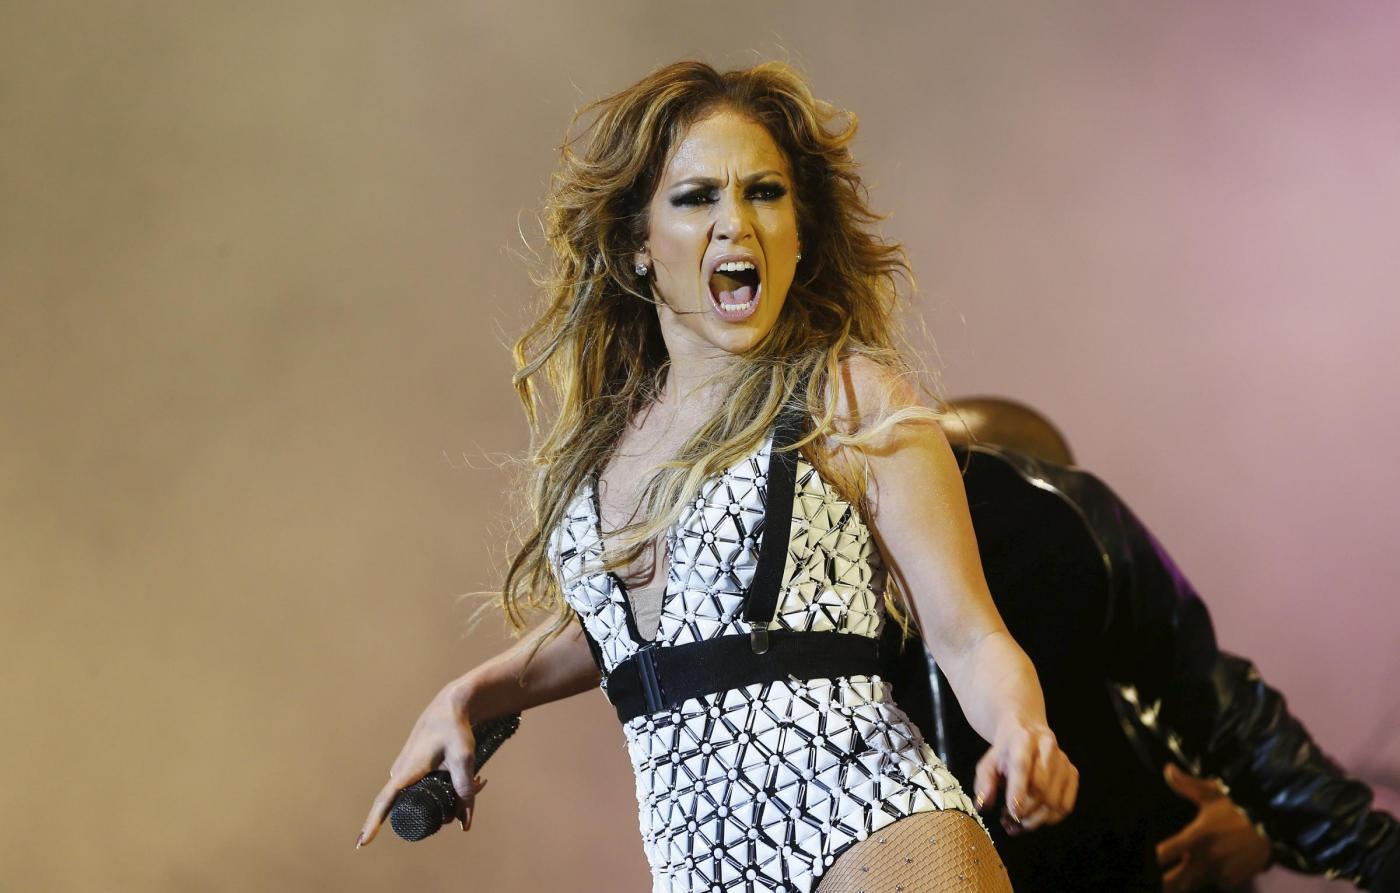 Jennifer Lopez, svelato segreto dei suoi lunghi capelli: ha le extensions FOTO 22